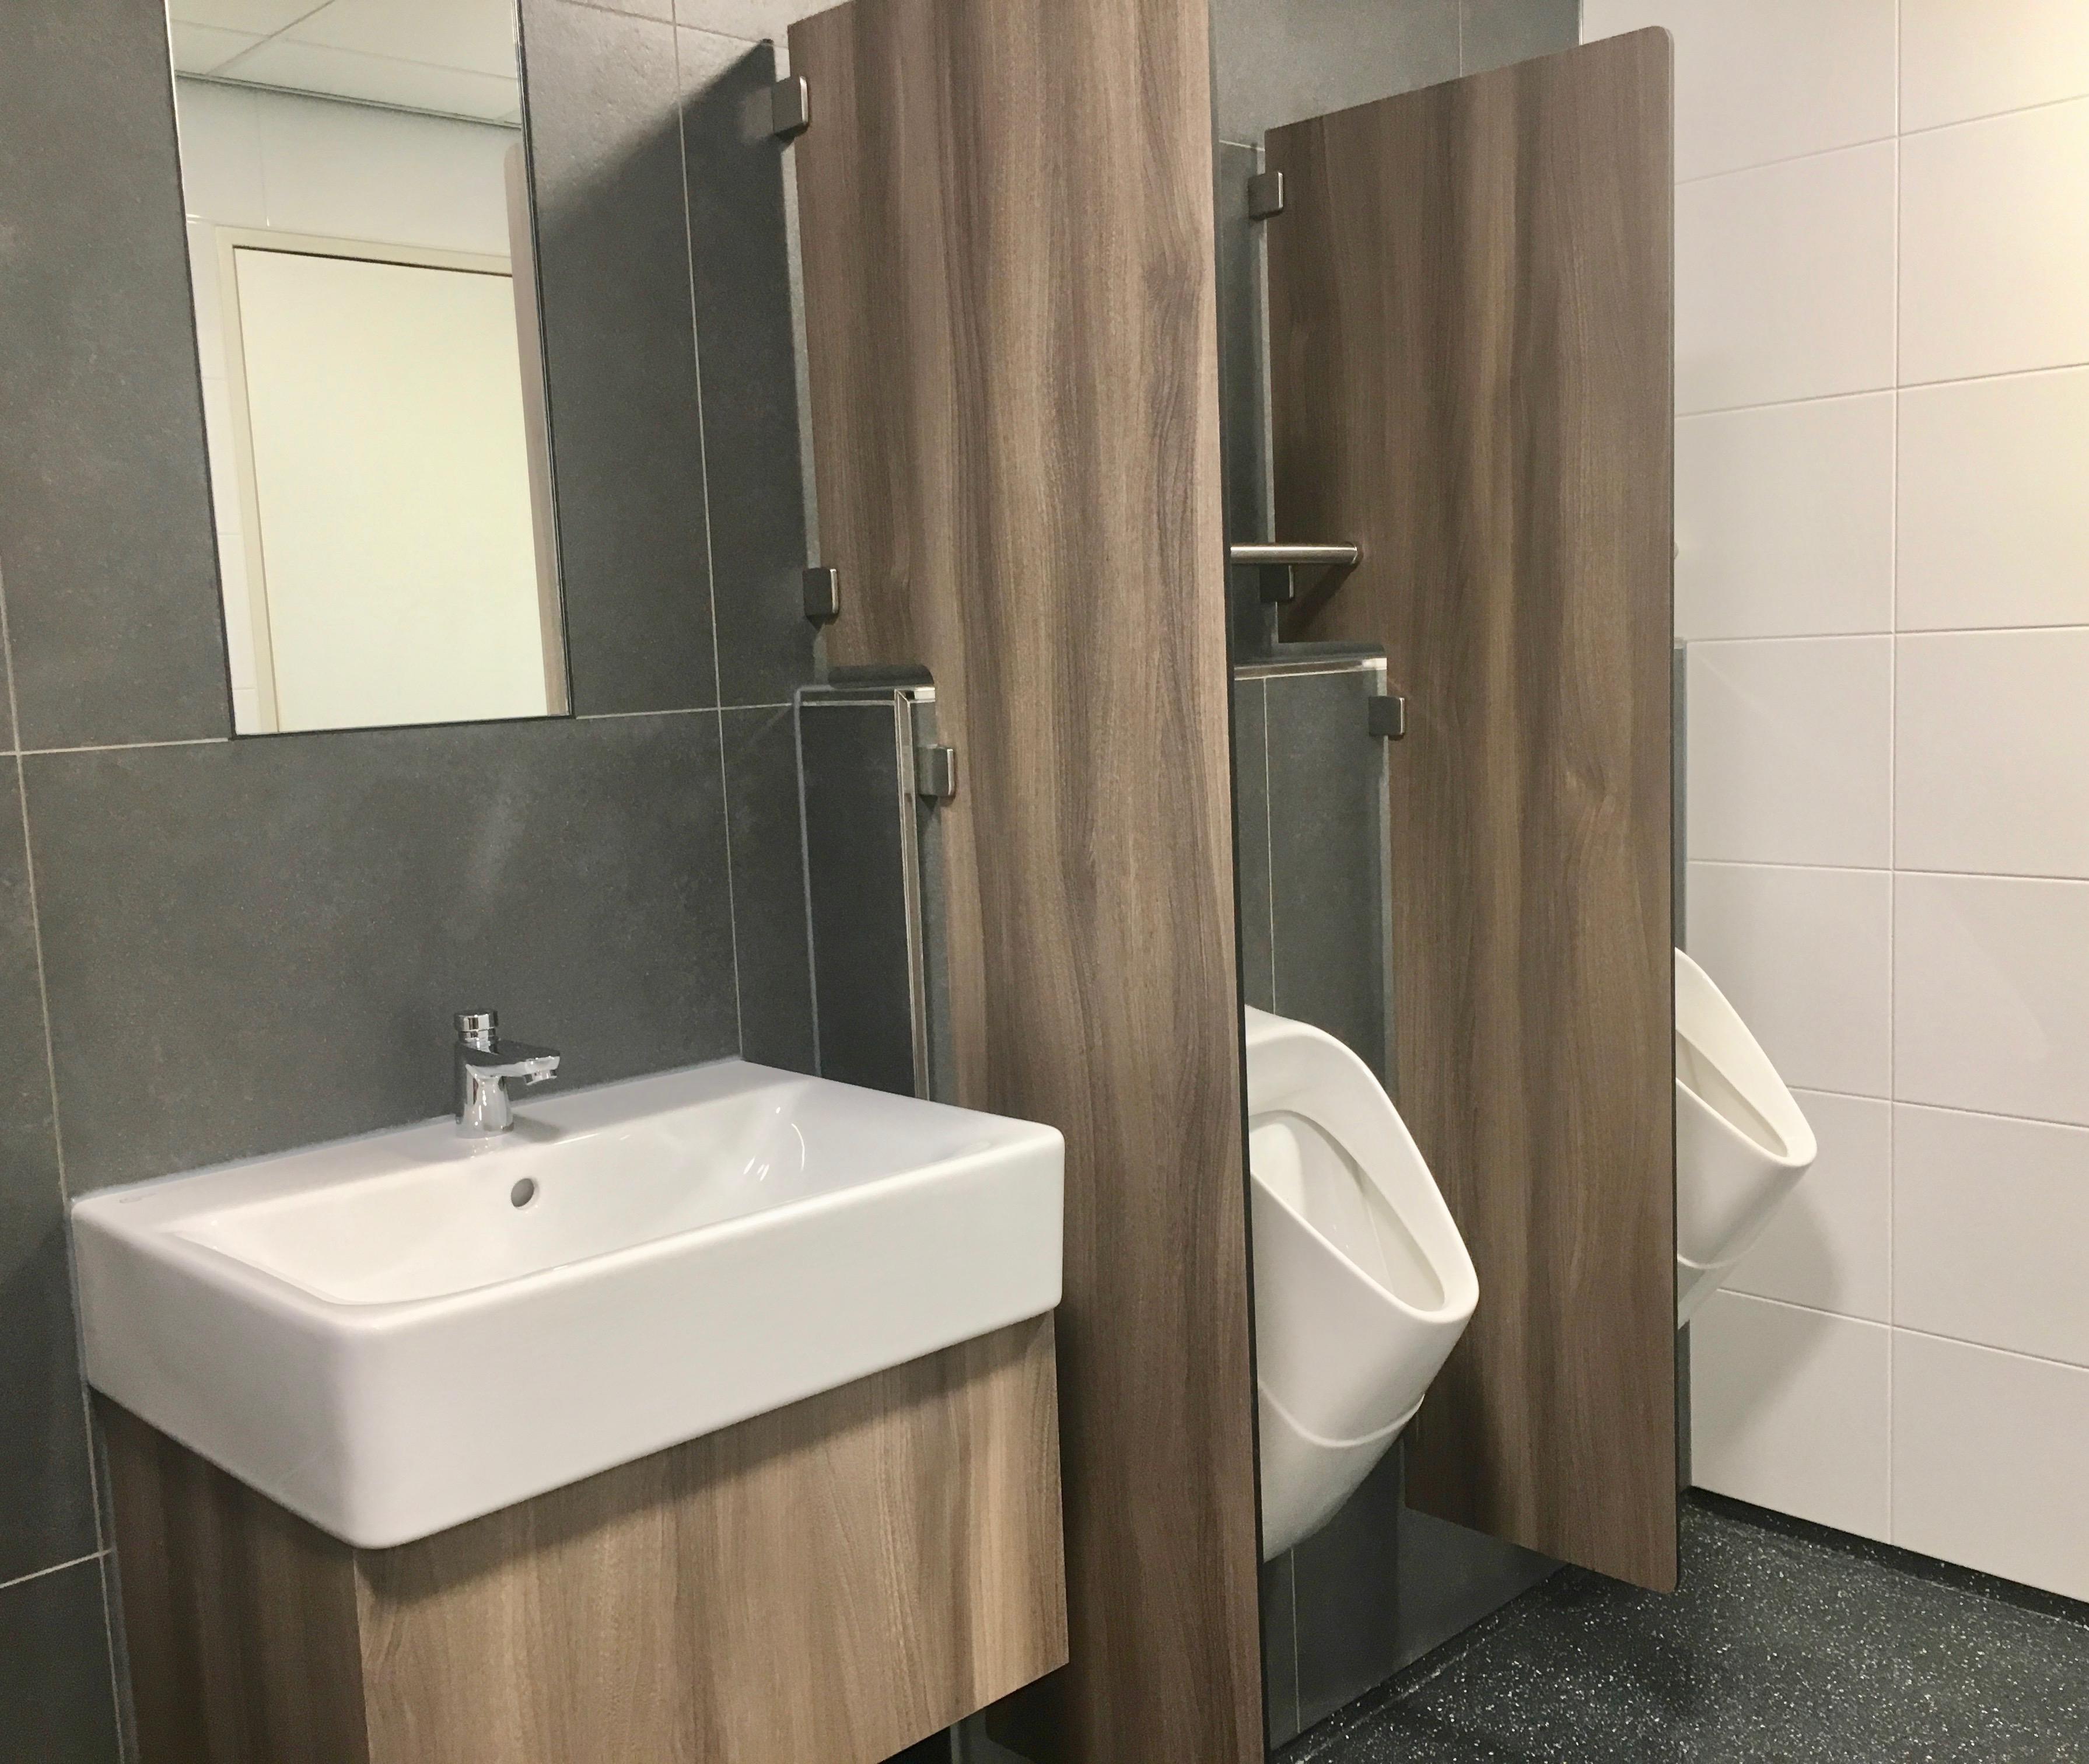 Toletto toiletten UMCG 1